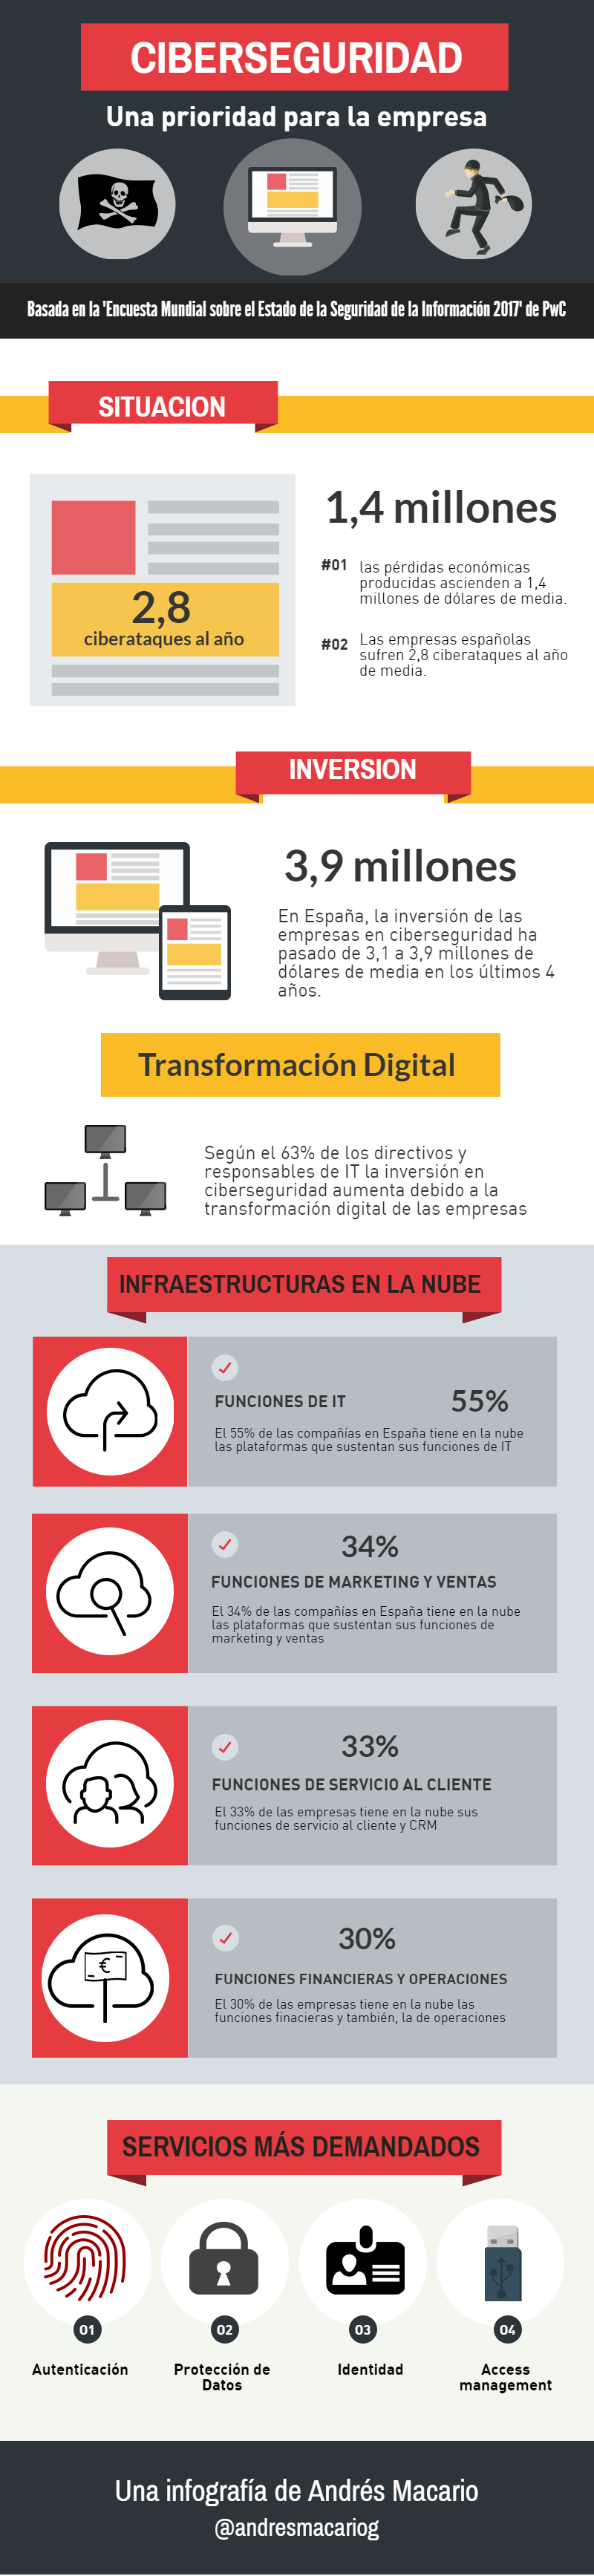 Ciberseguridad prioridad de la empresa-infografia Andres Macario